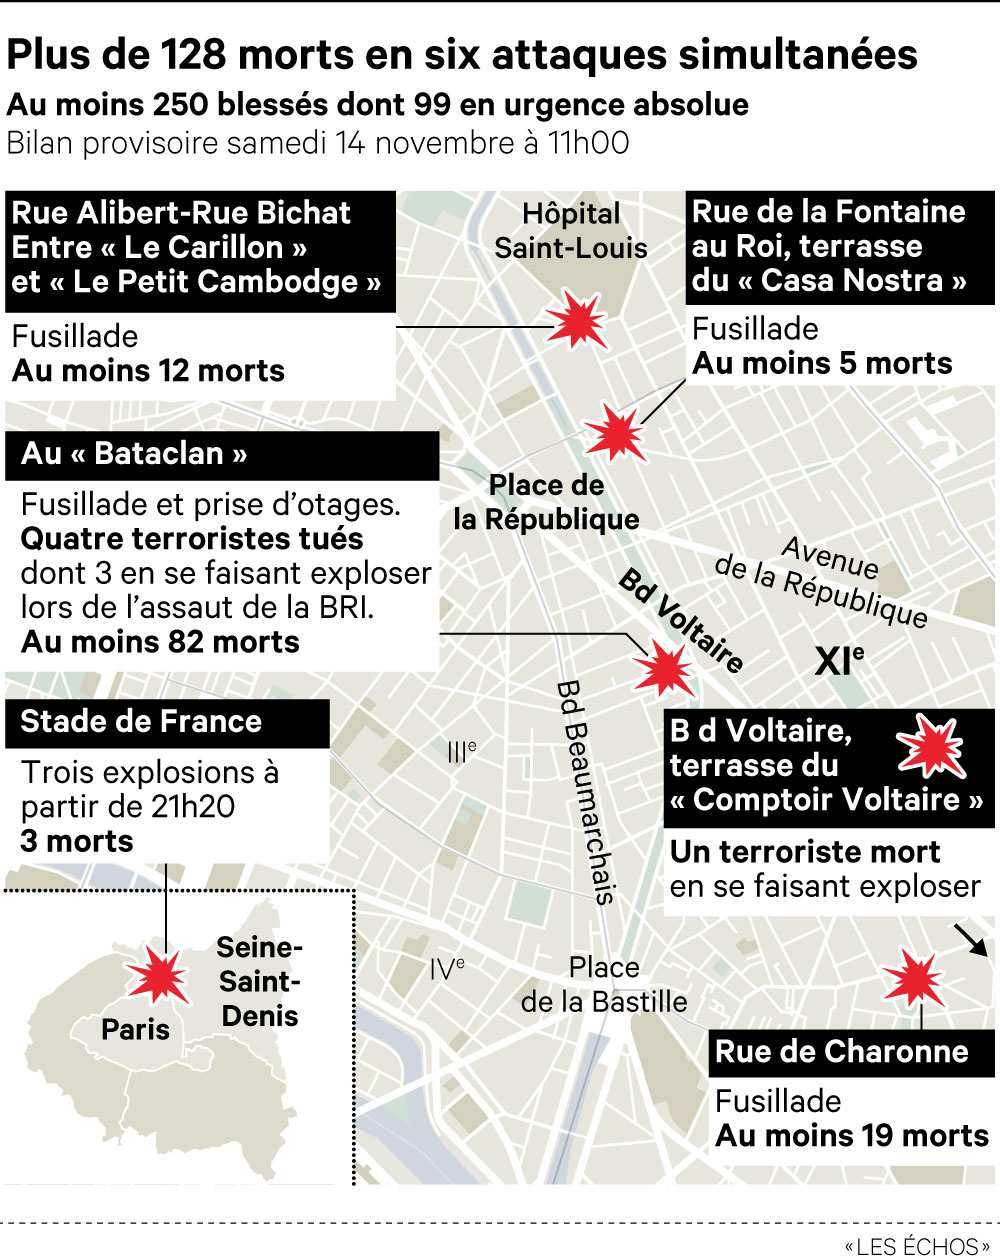 1175104_attentats-la-france-face-a-un-acte-de-guerre-apres-la-mort-de-129-personnes-web-tete-021477157512.jpg